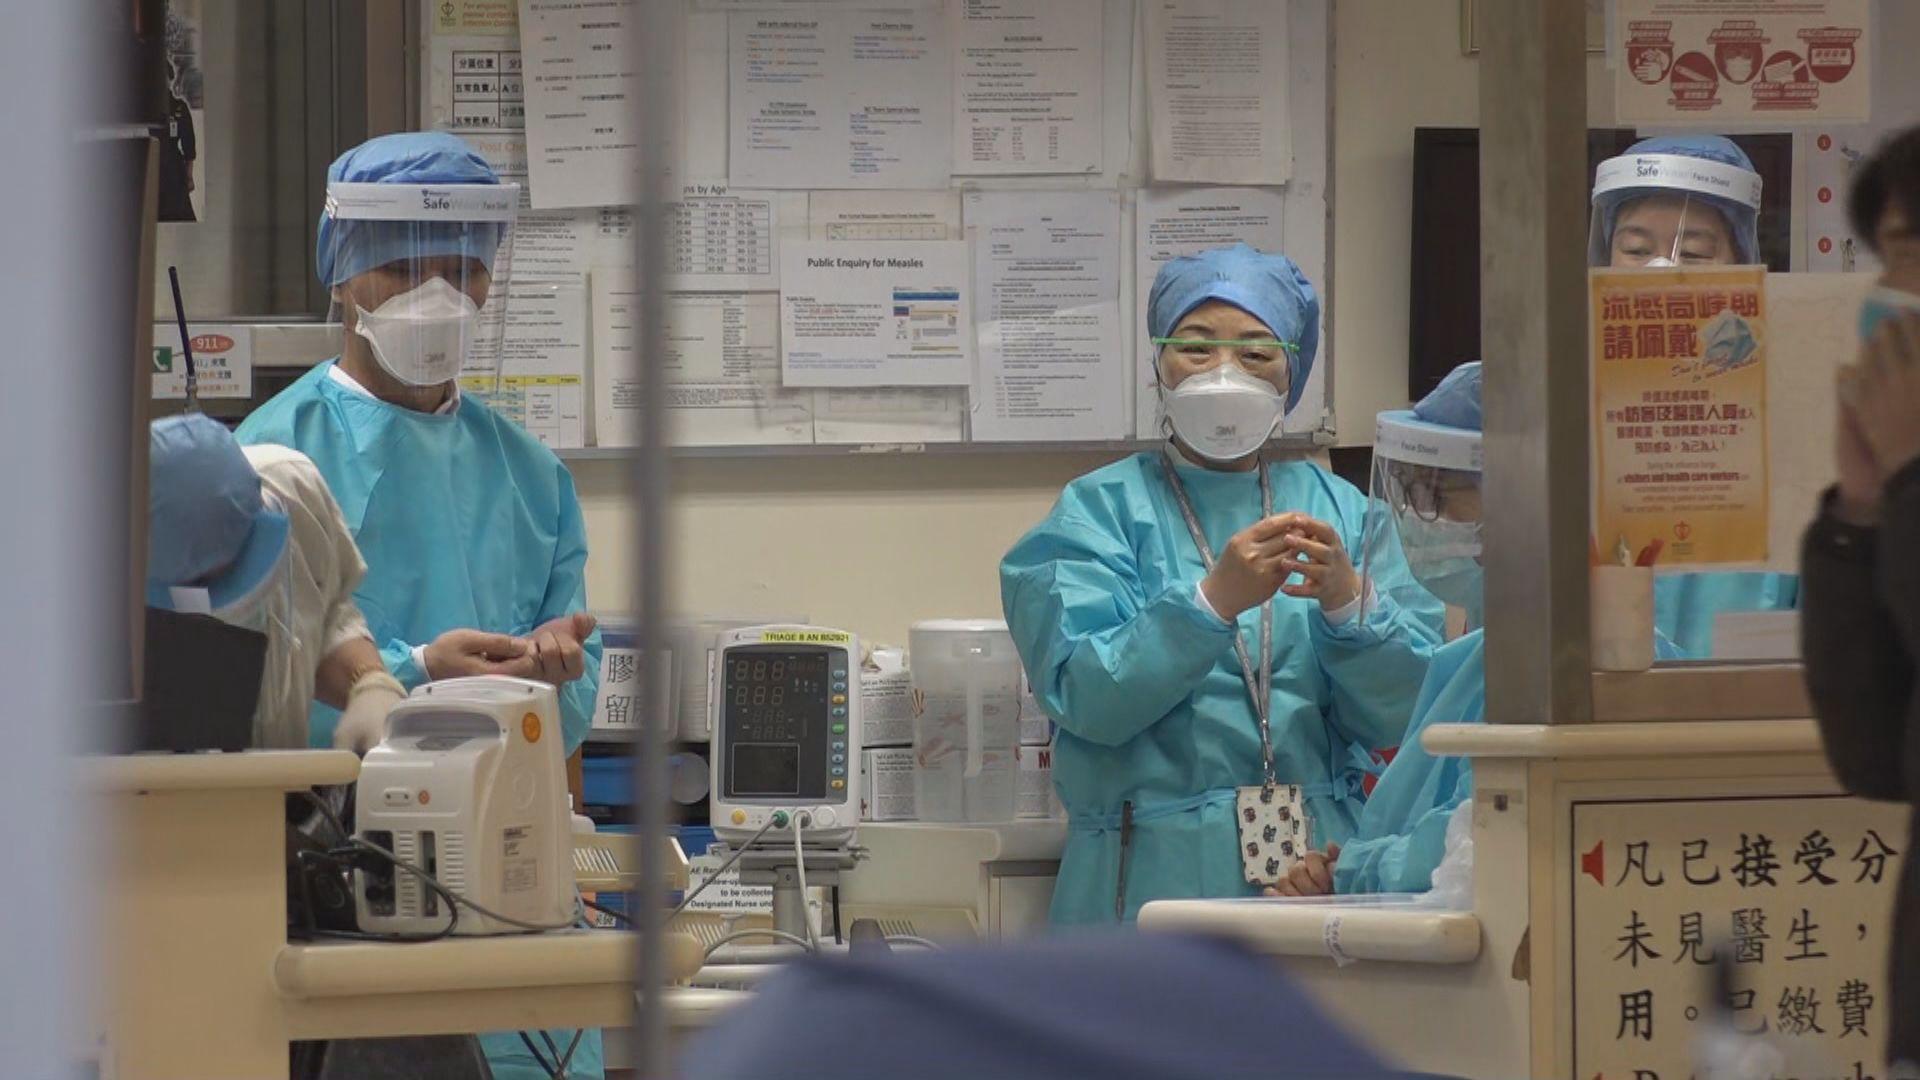 醫管局為特定員工進行定期病毒檢測